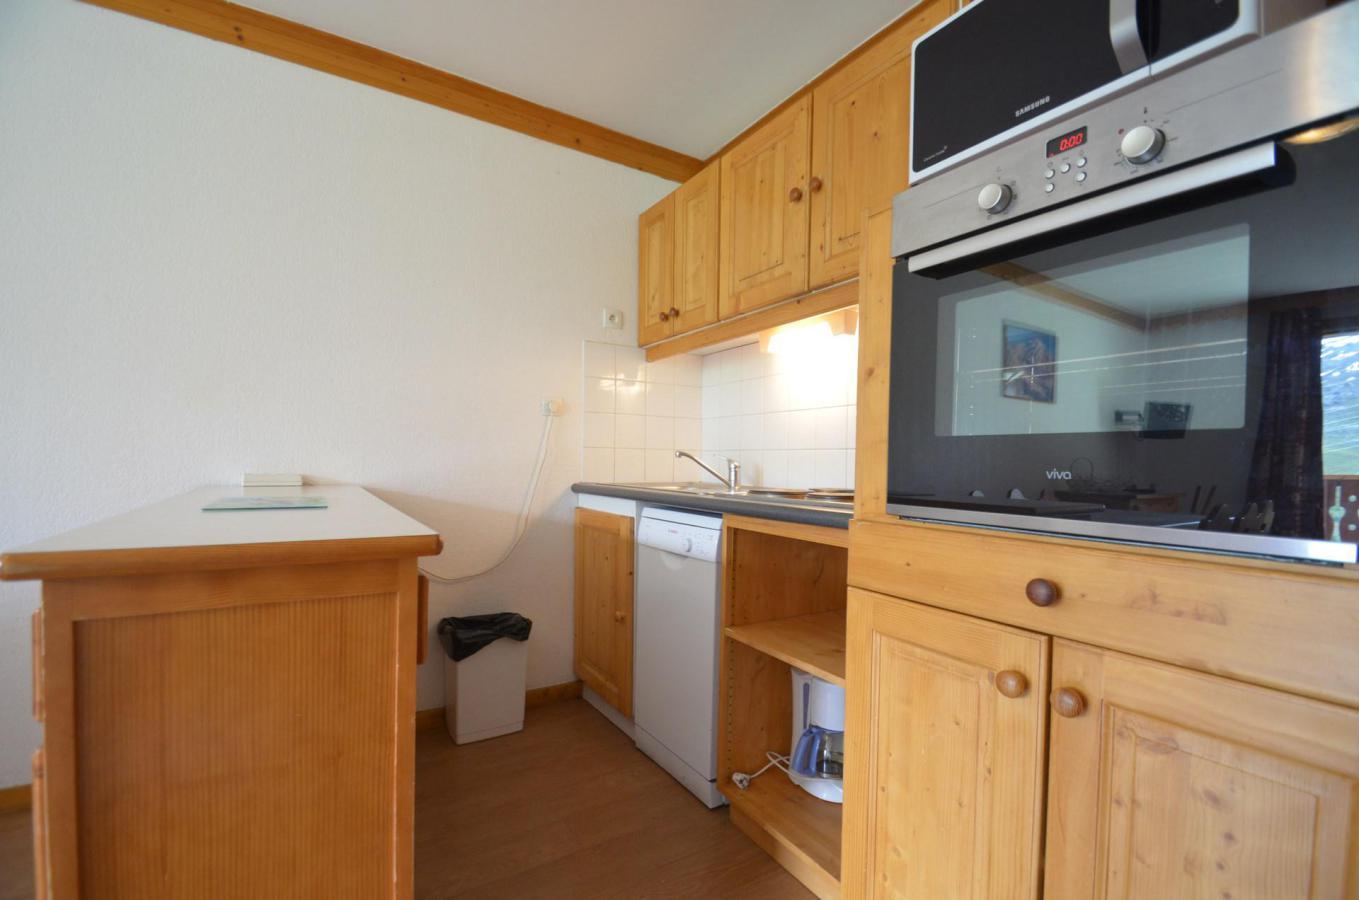 Location au ski Appartement 4 pièces 8 personnes (915) - Residence Le Valmont - Les Menuires - Lavabo